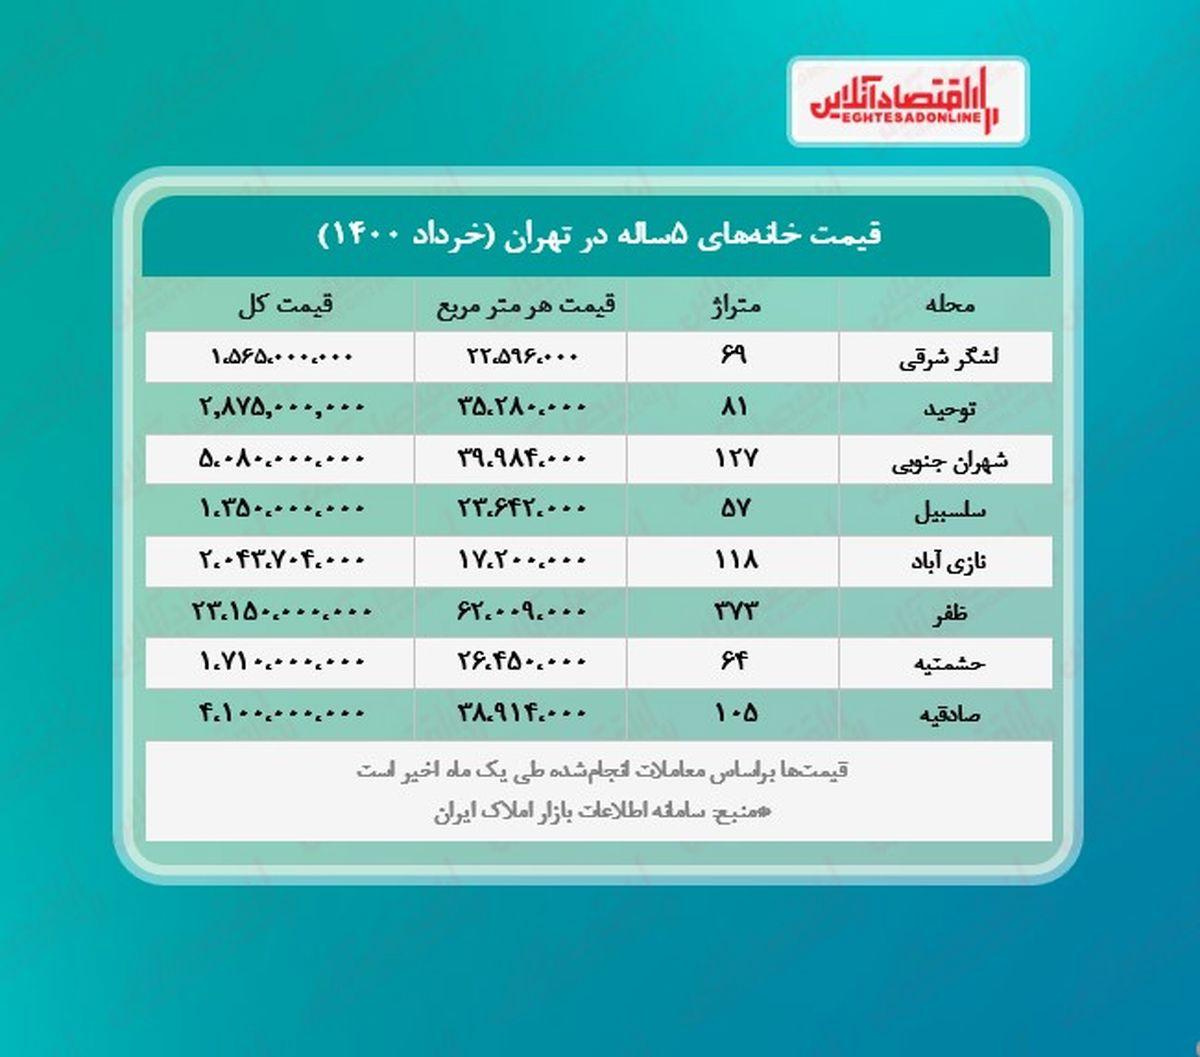 خانه های پنج ساله تهران چند؟